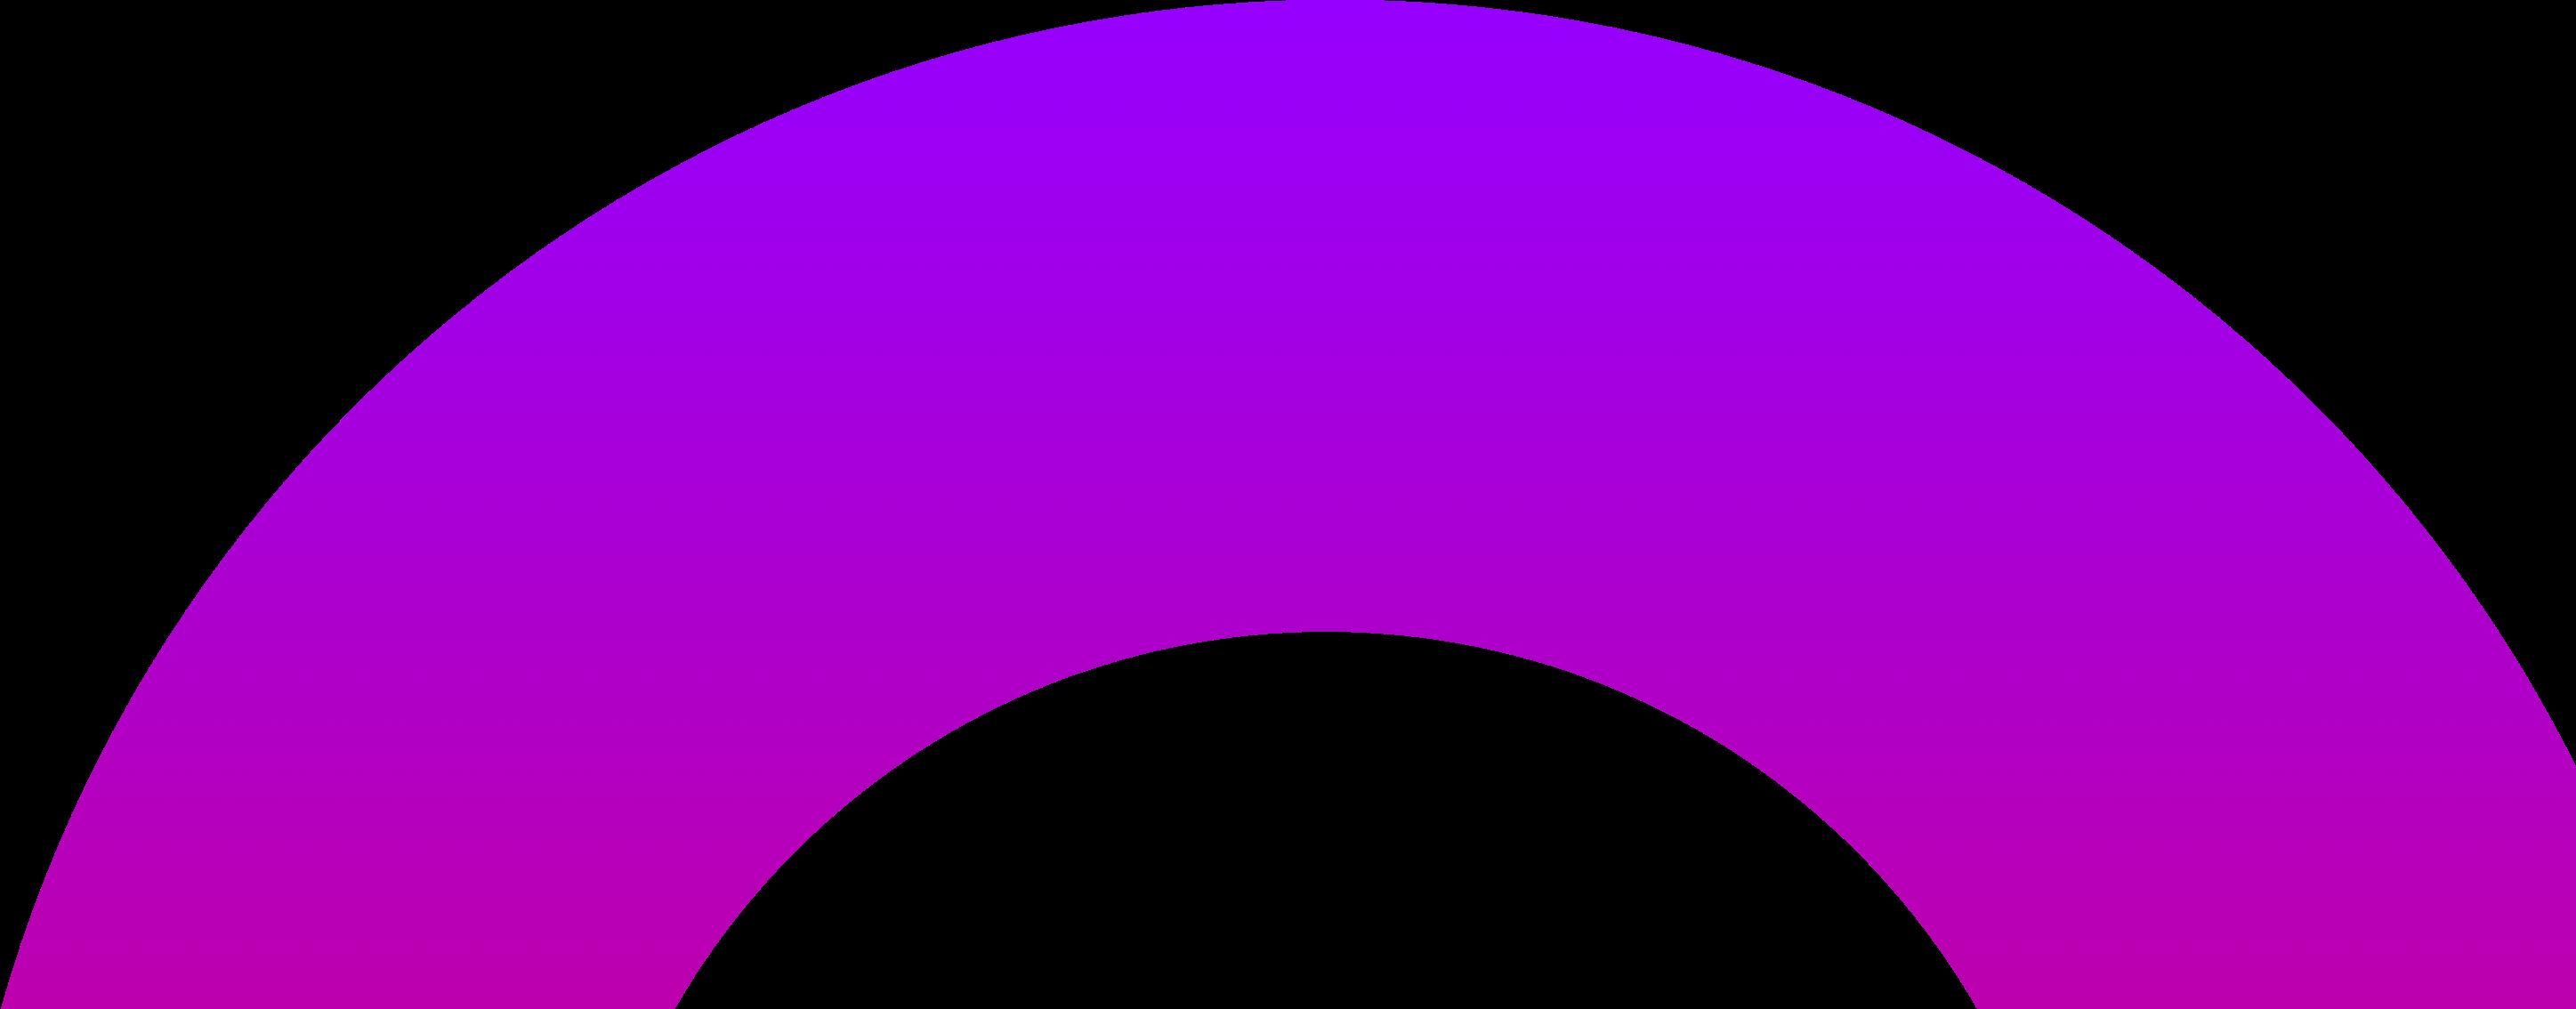 ColorOS 6